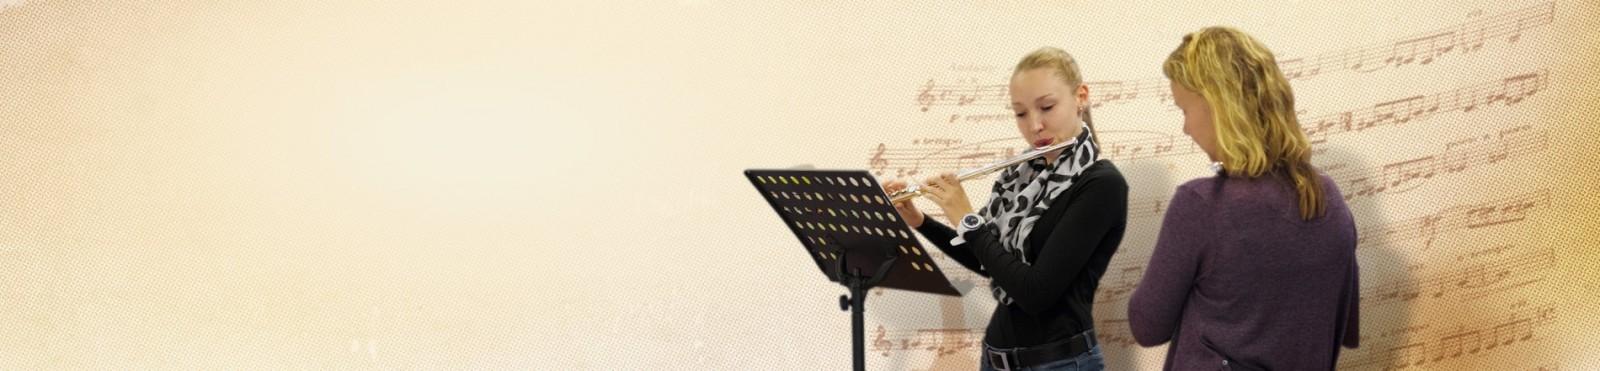 rev-musikschule